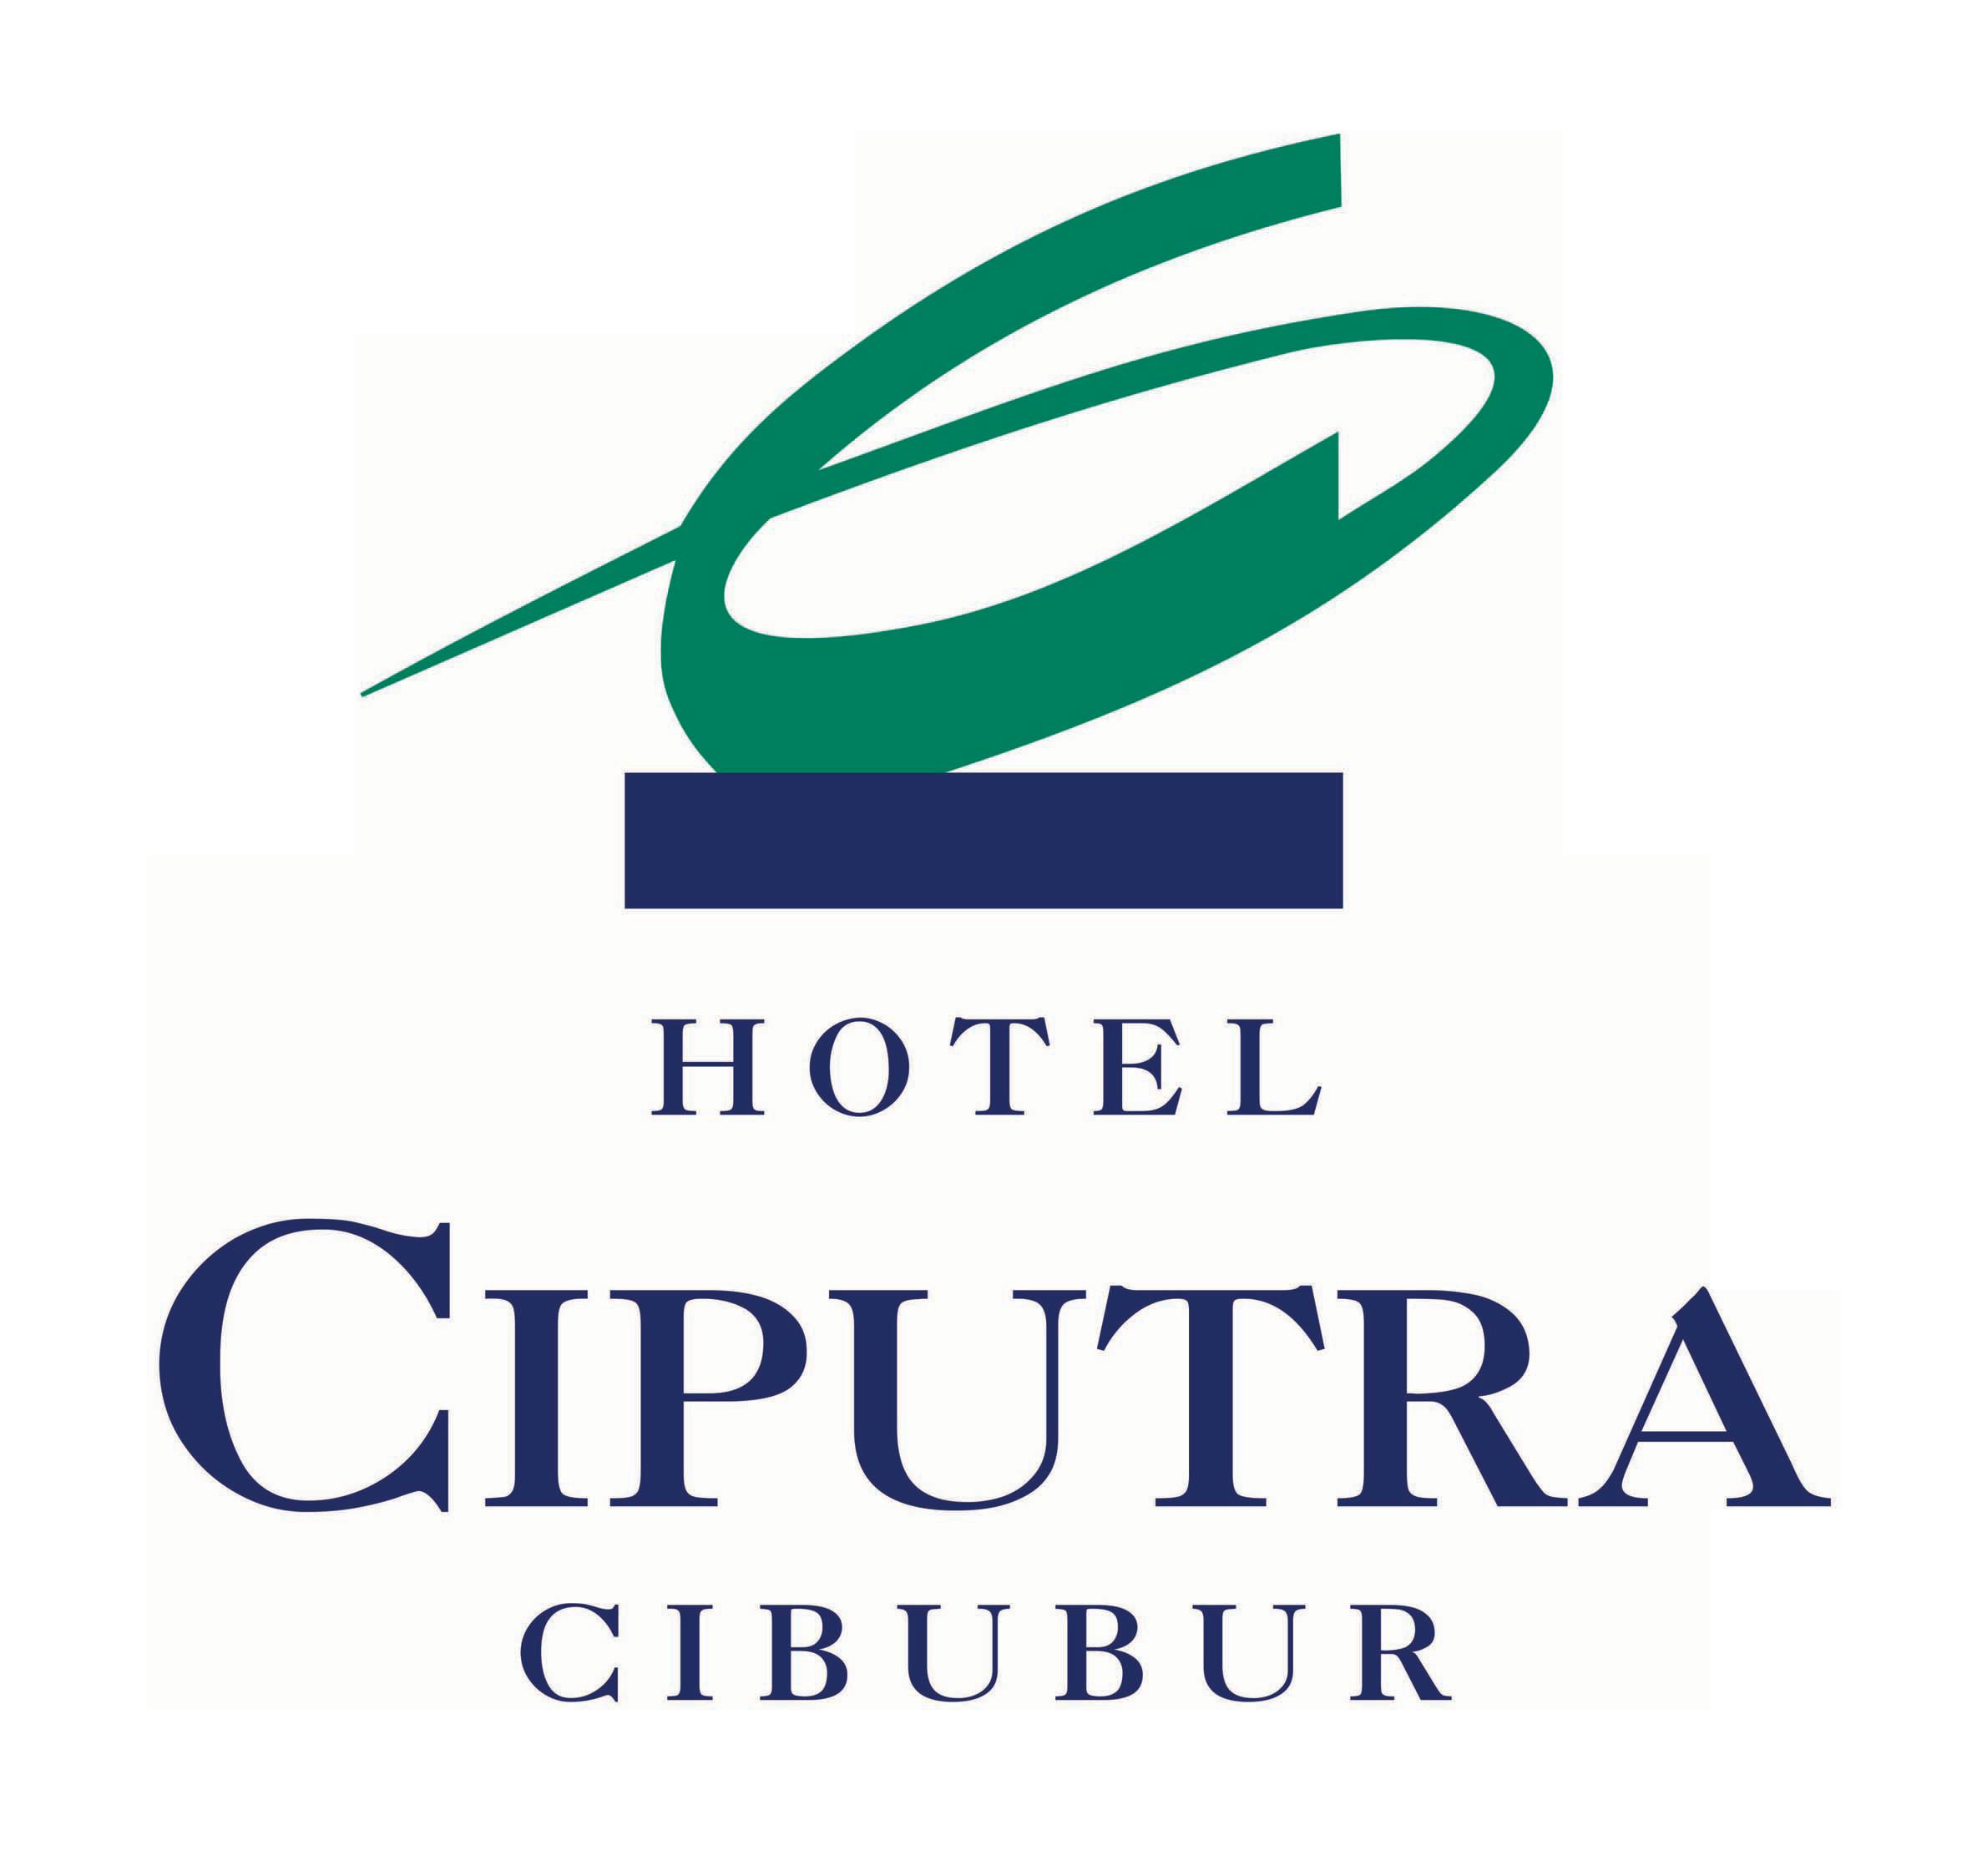 Image Result Forel Ciputra Cibubur